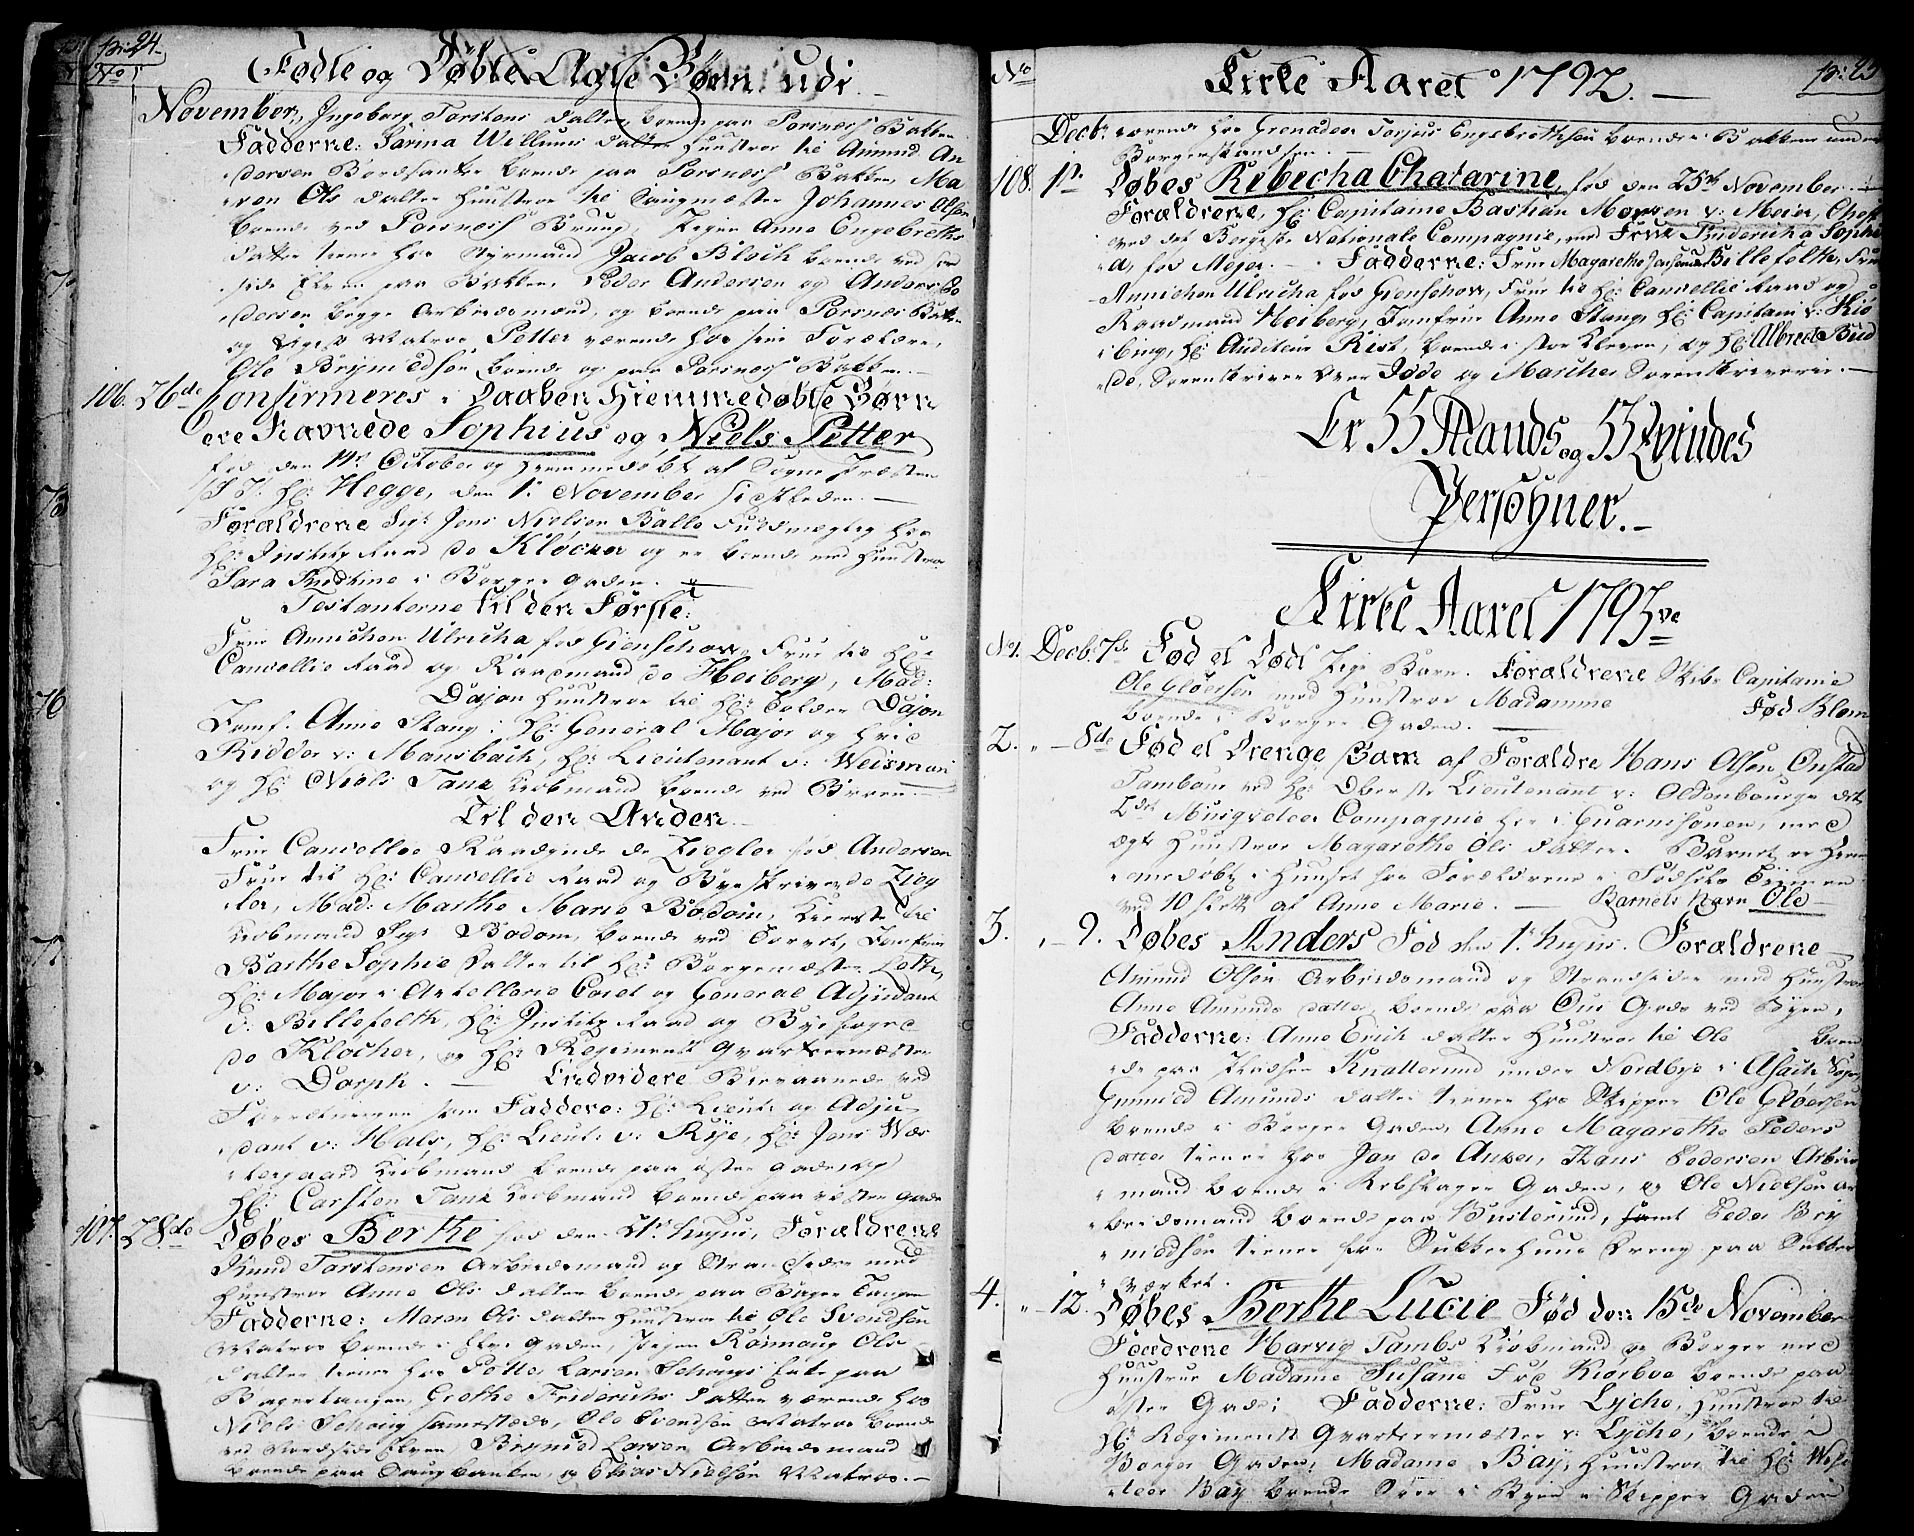 SAO, Halden prestekontor Kirkebøker, F/Fa/L0002: Ministerialbok nr. I 2, 1792-1812, s. 24-25